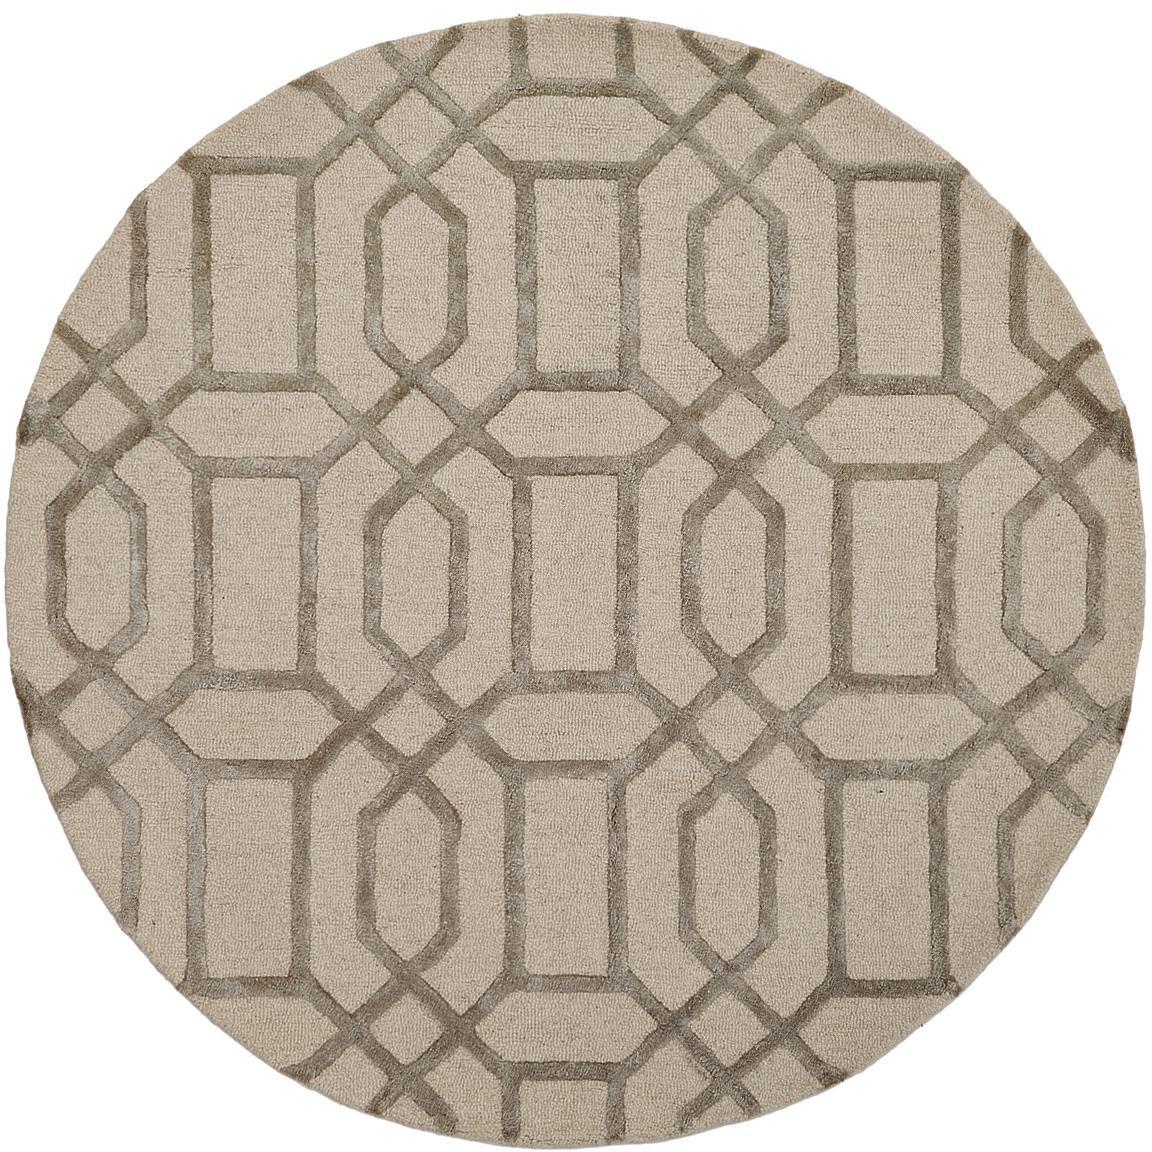 Runder Wollteppich Vegas mit Hoch-Tief-Effekt, Flor: 80% Wolle, 20% Viskose, Beige, Creme, Ø 150 cm (Größe M)